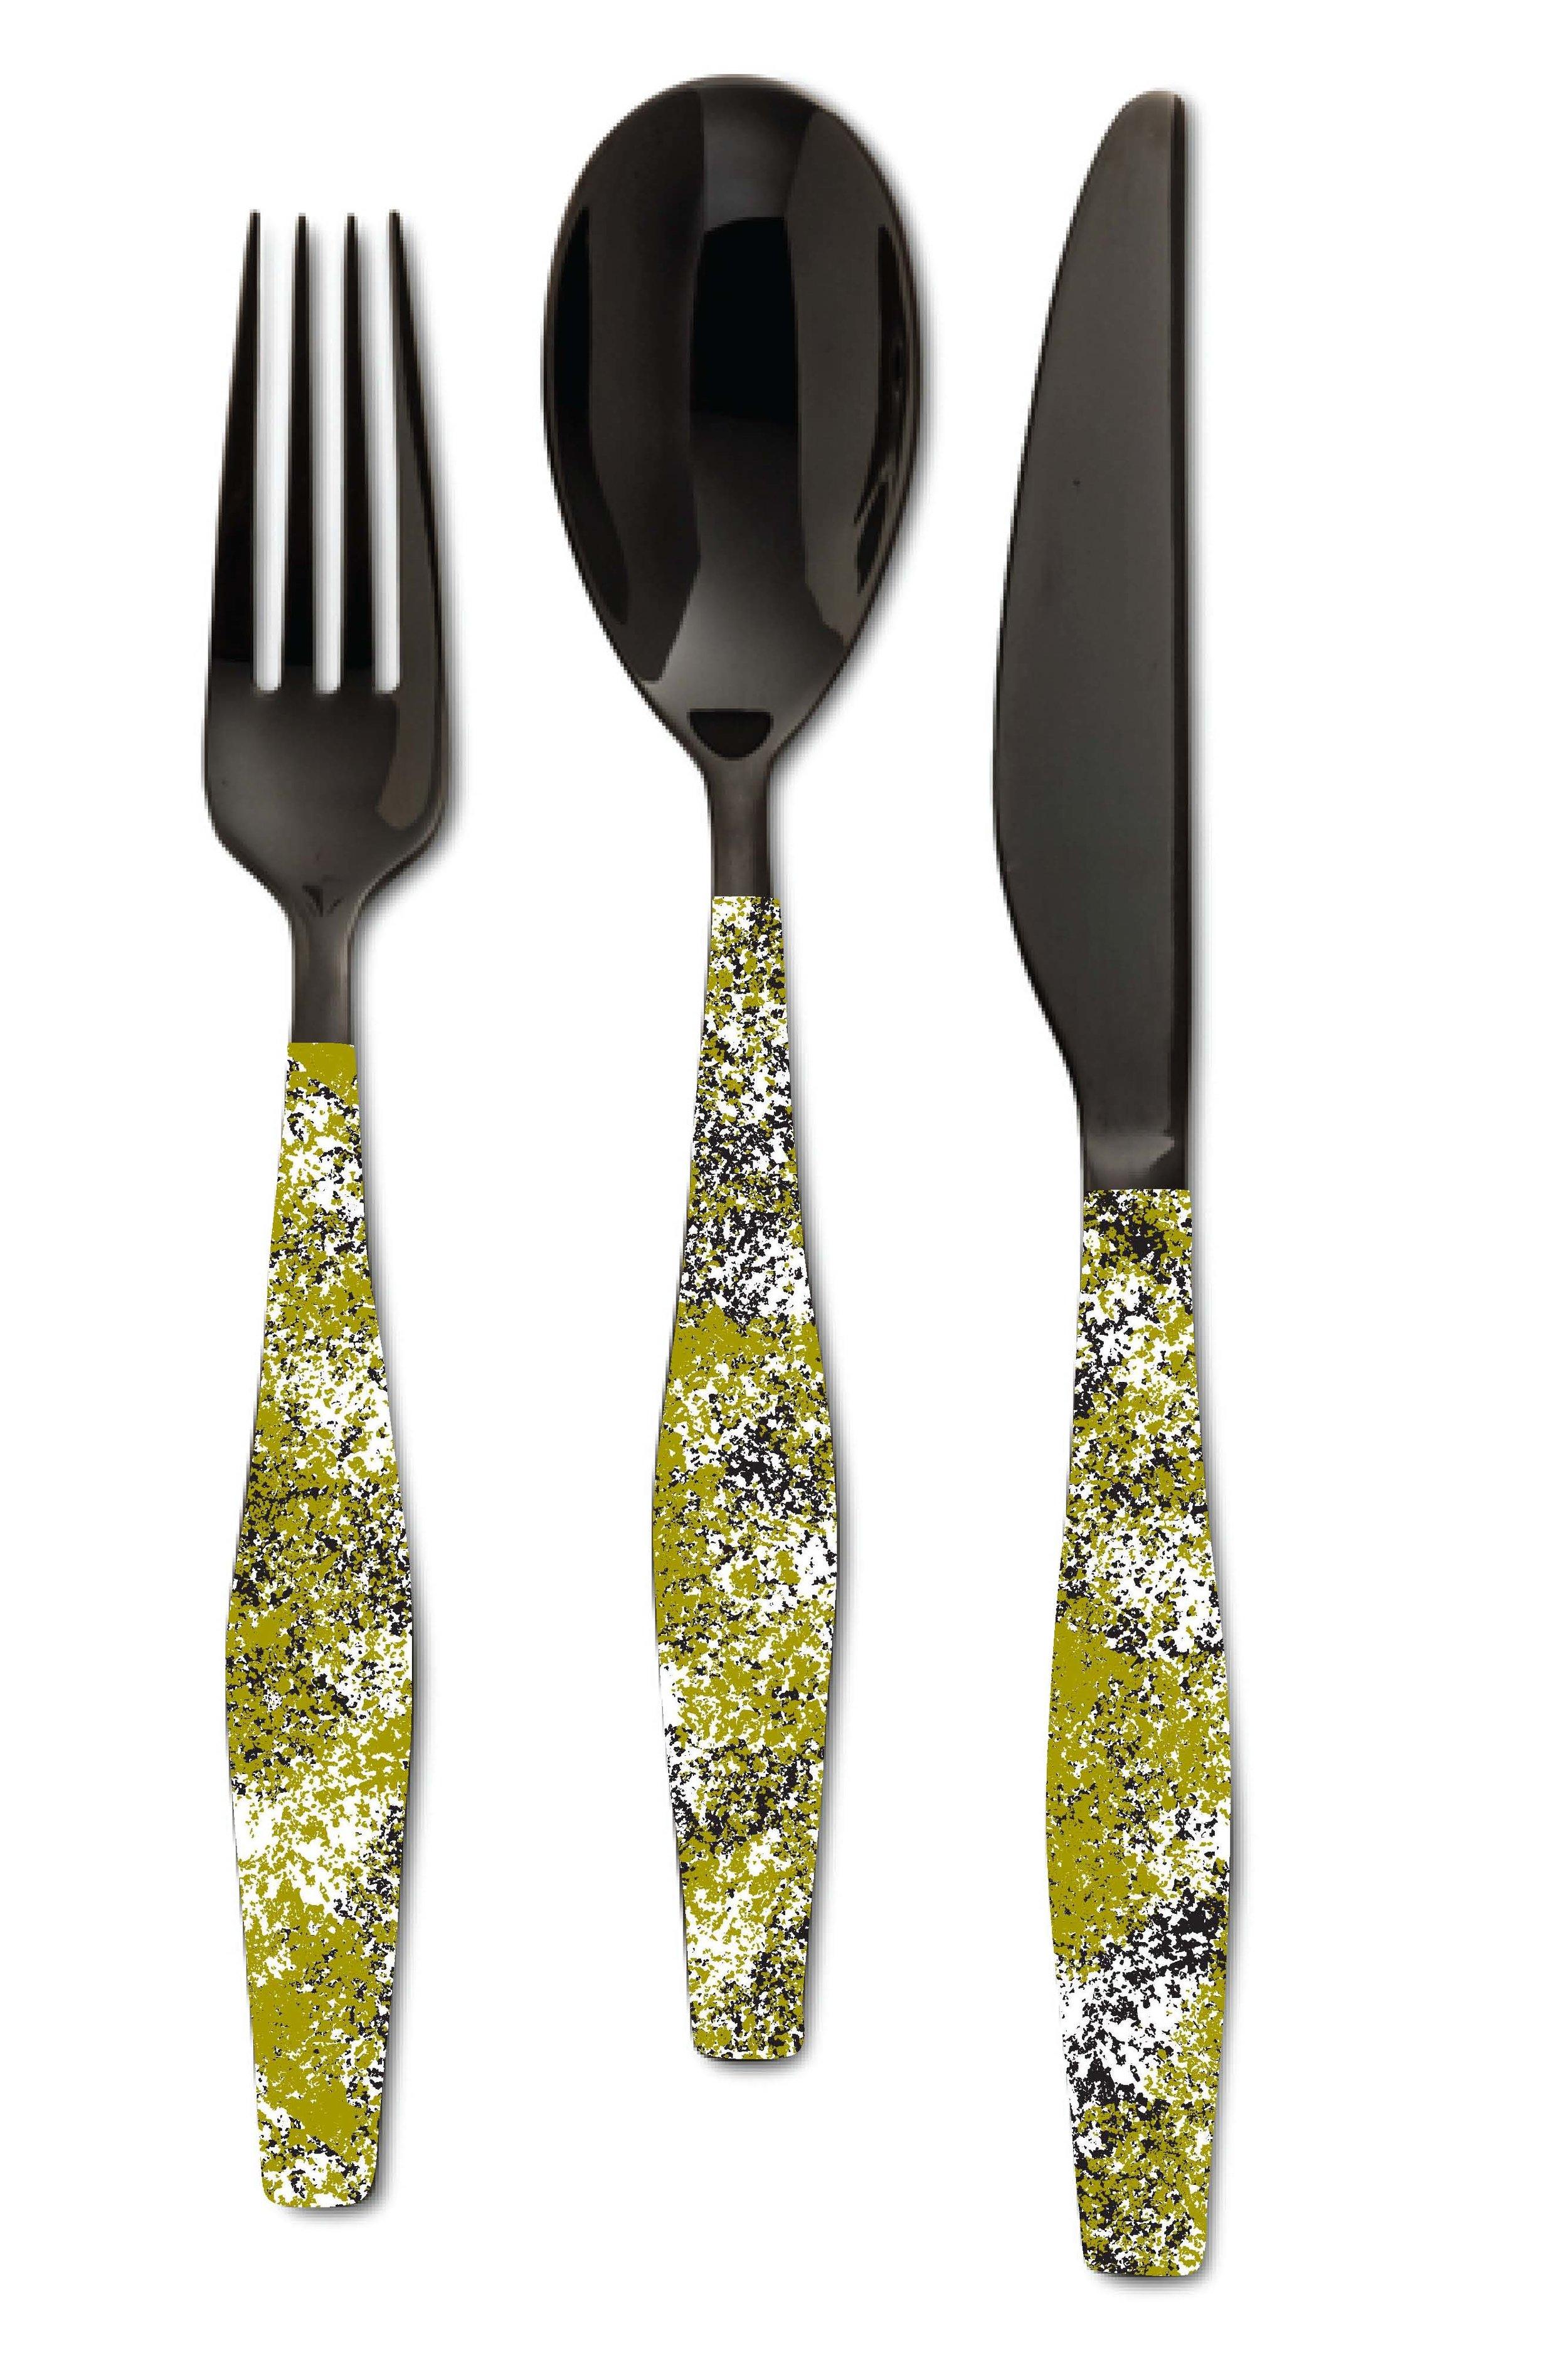 117 bmd www update-cutlery.jpg